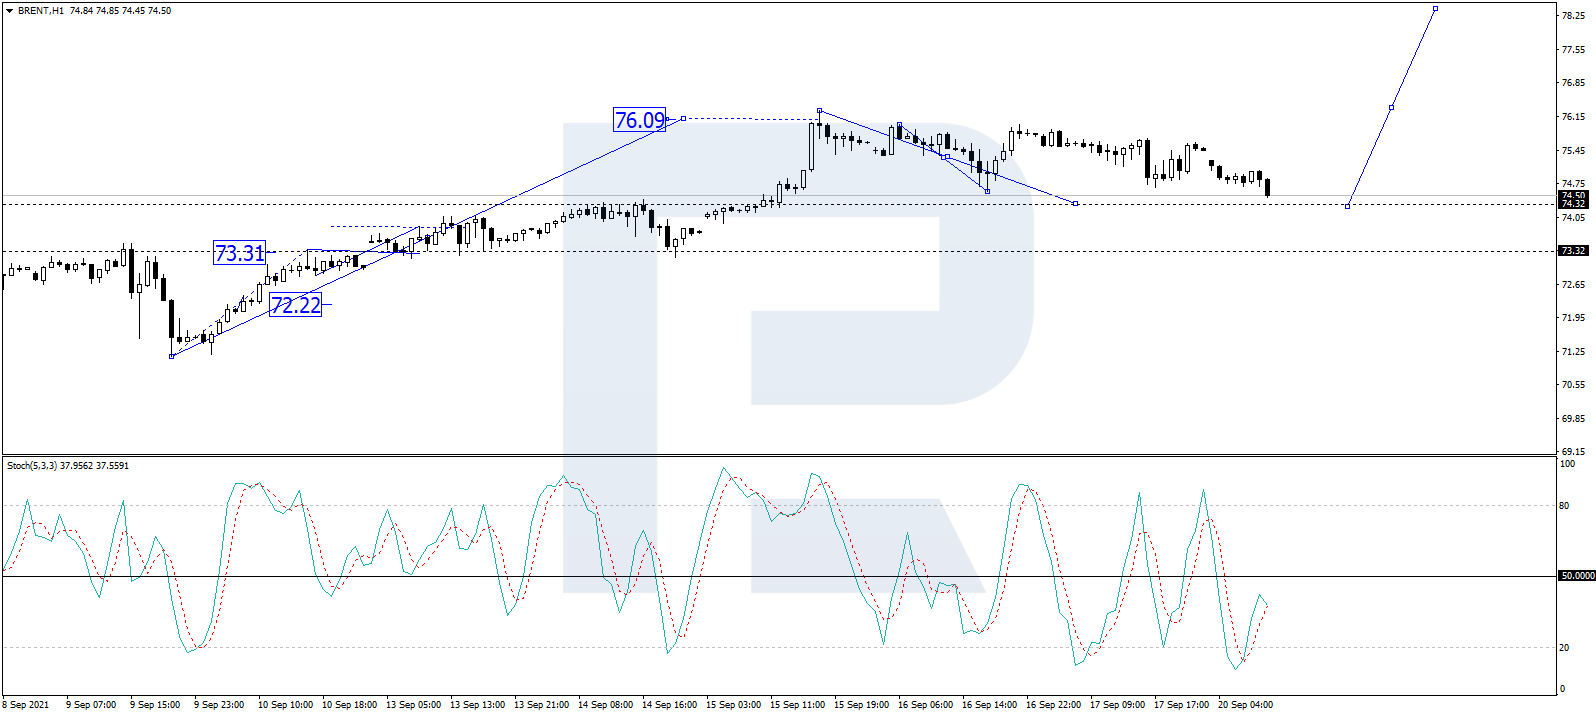 BRENT Oil Trading Chart